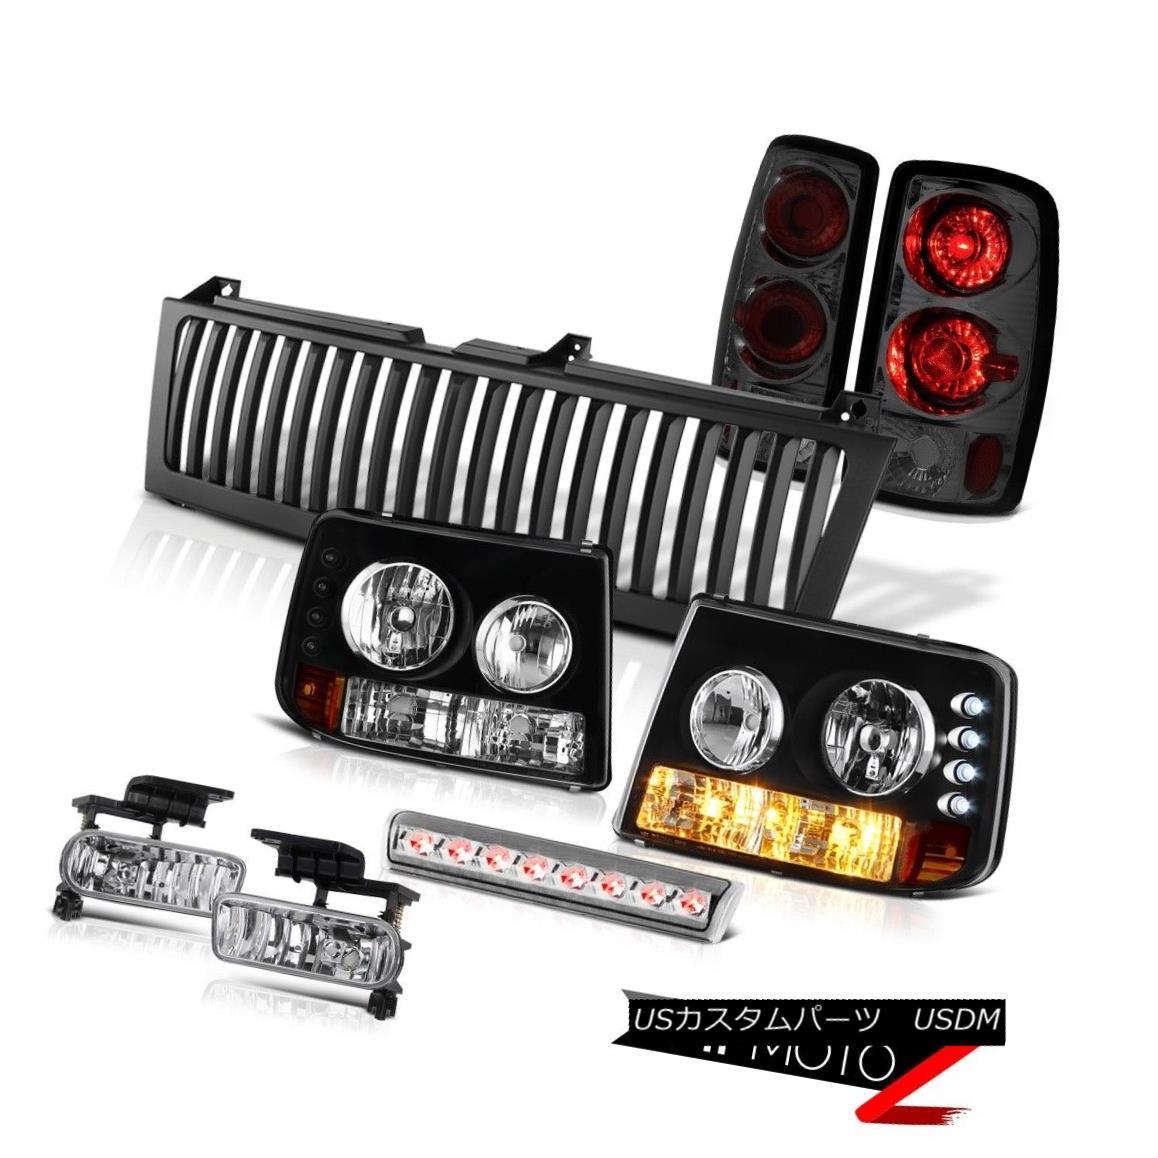 ヘッドライト Headlights Tail Brake Lamps Euro Fog High LED Chrome Black 00-06 Suburban 6.0L ヘッドライトテールブレーキランプユーロフォグハイLEDクロームブラック00-06郊外6.0L